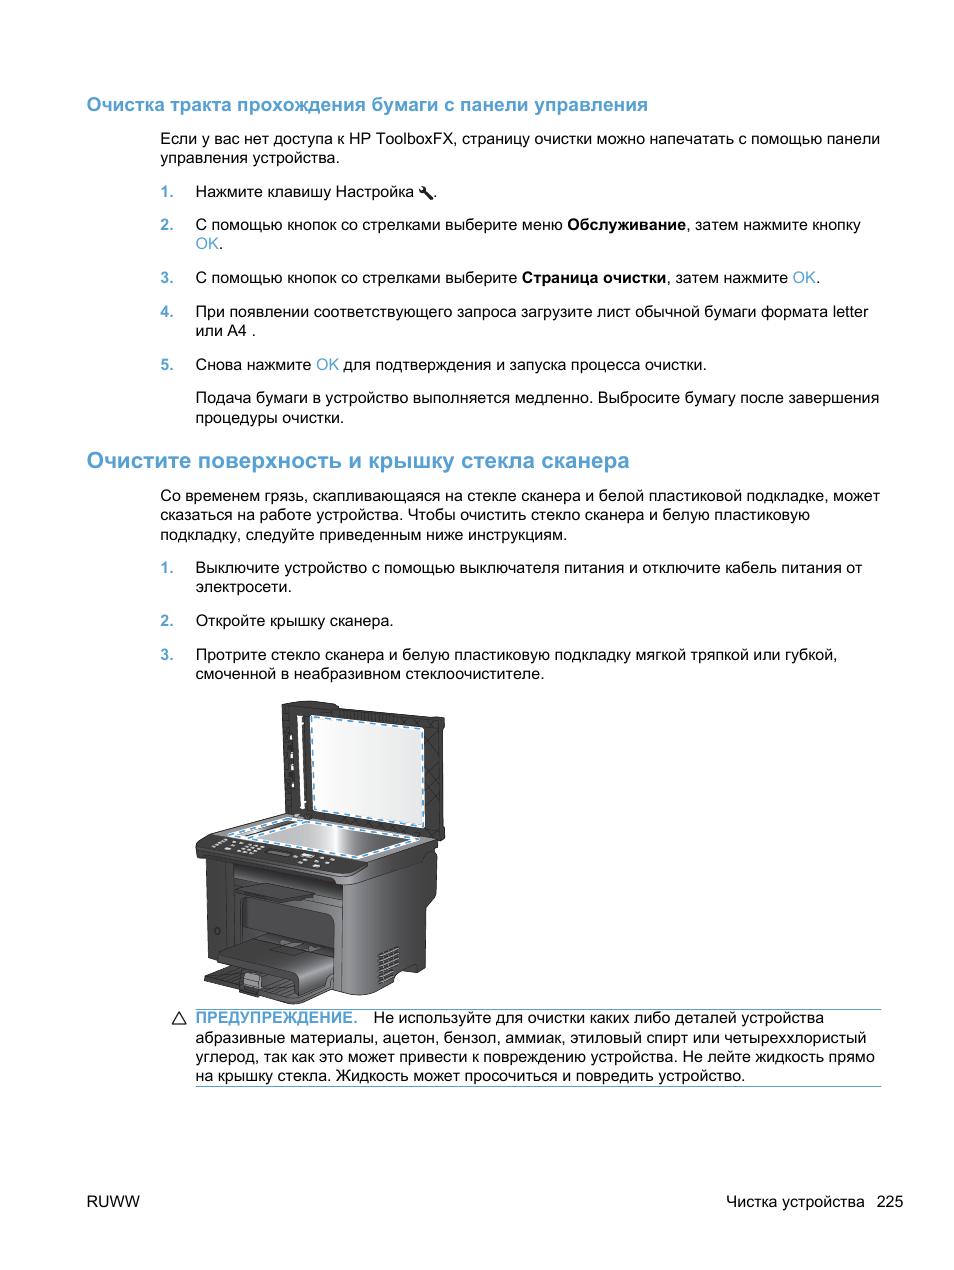 Очистите поверхность и крышку стекла сканера Инструкция по эксплуатации HP LaserJet Pro M1536dnf MFP SERIES Страница 239 / 322